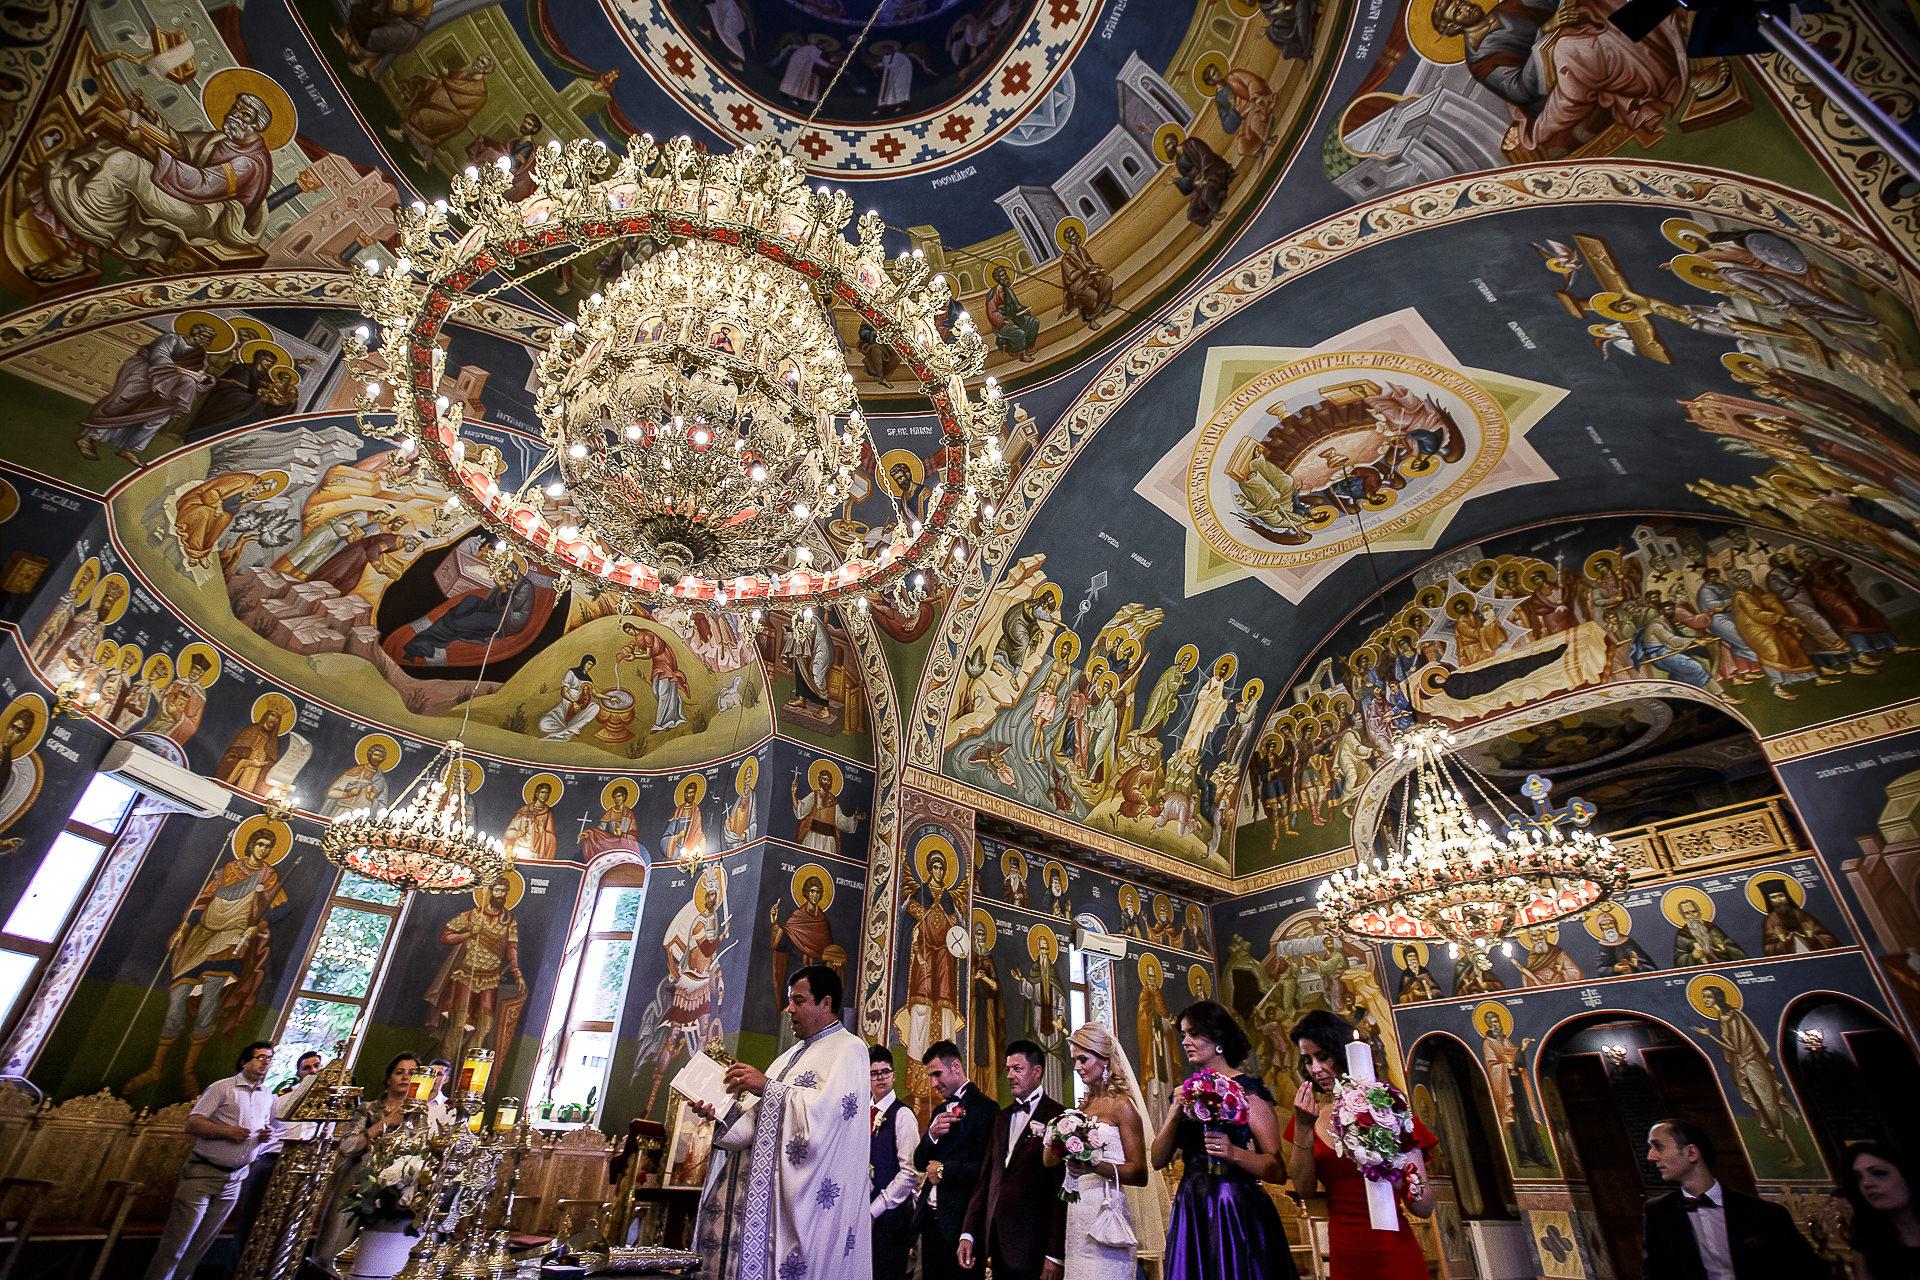 Fotograf nuntă Bucureşti - Biserica Militara Sfântul Mina + Metropolitan Club and Events - Marinela şi Pasquale - Mihai Zaharia Photography - 24